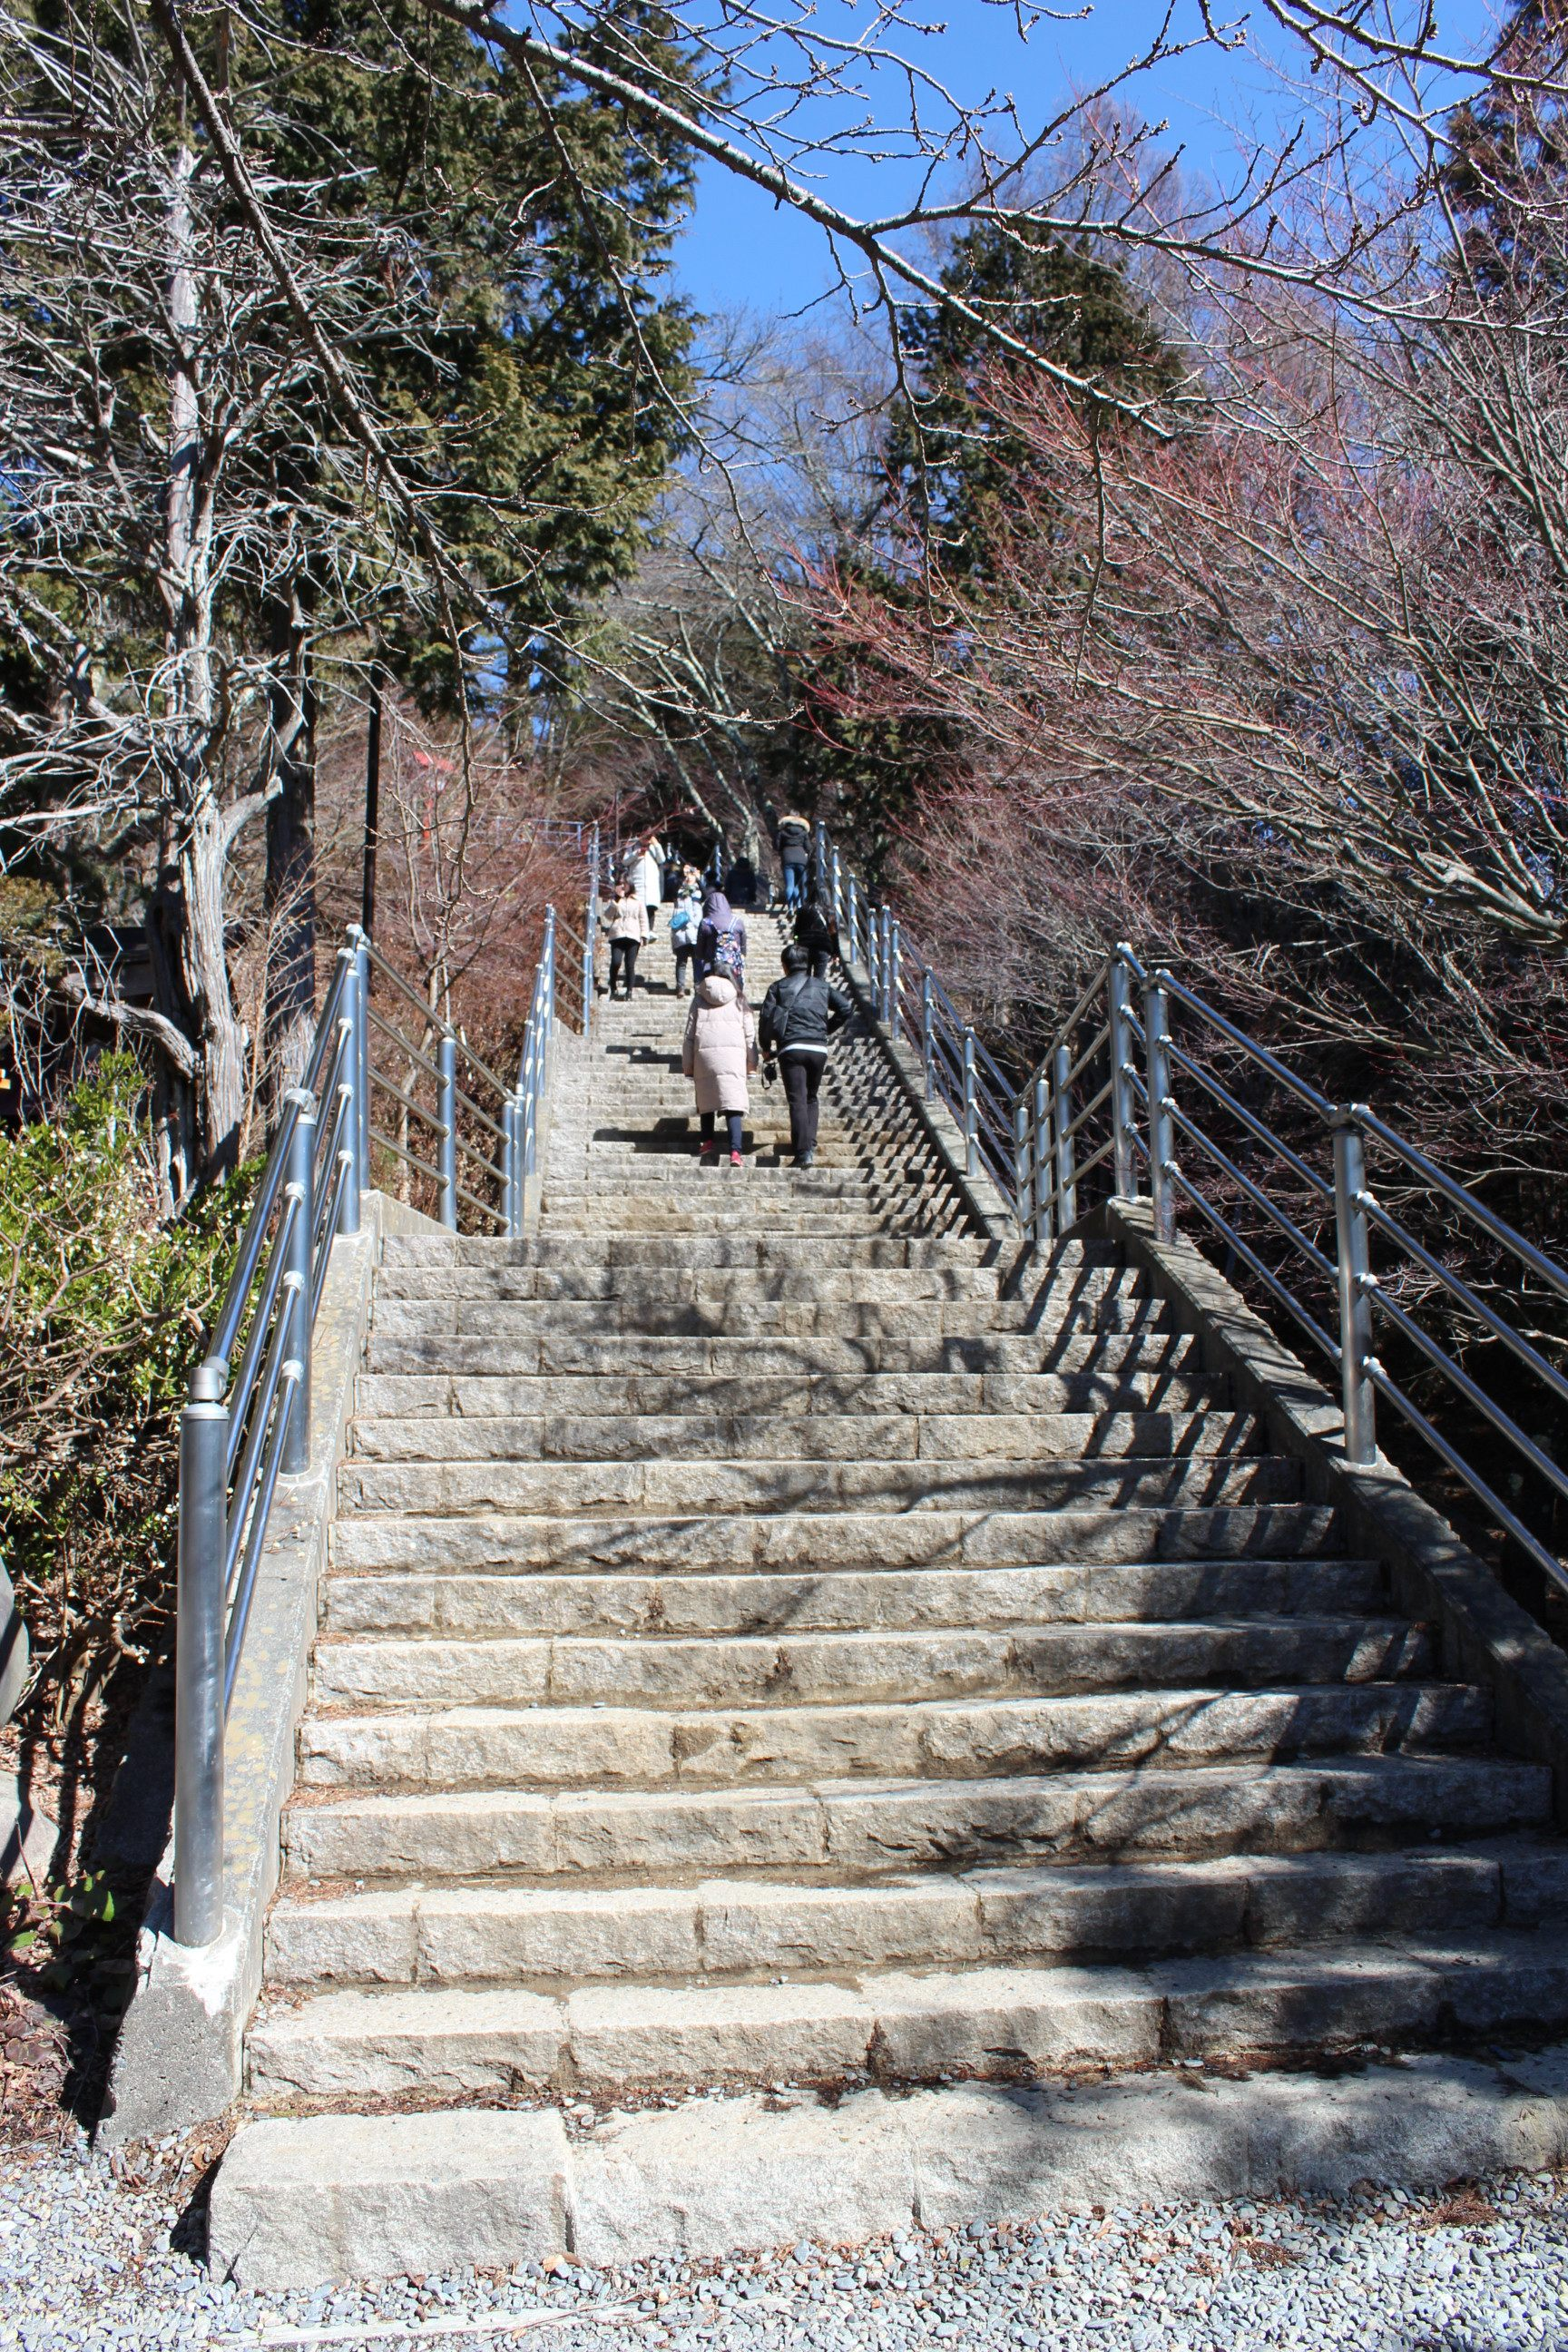 398階的台階路:咲くや姫(さくやひめ、sakuyahime)